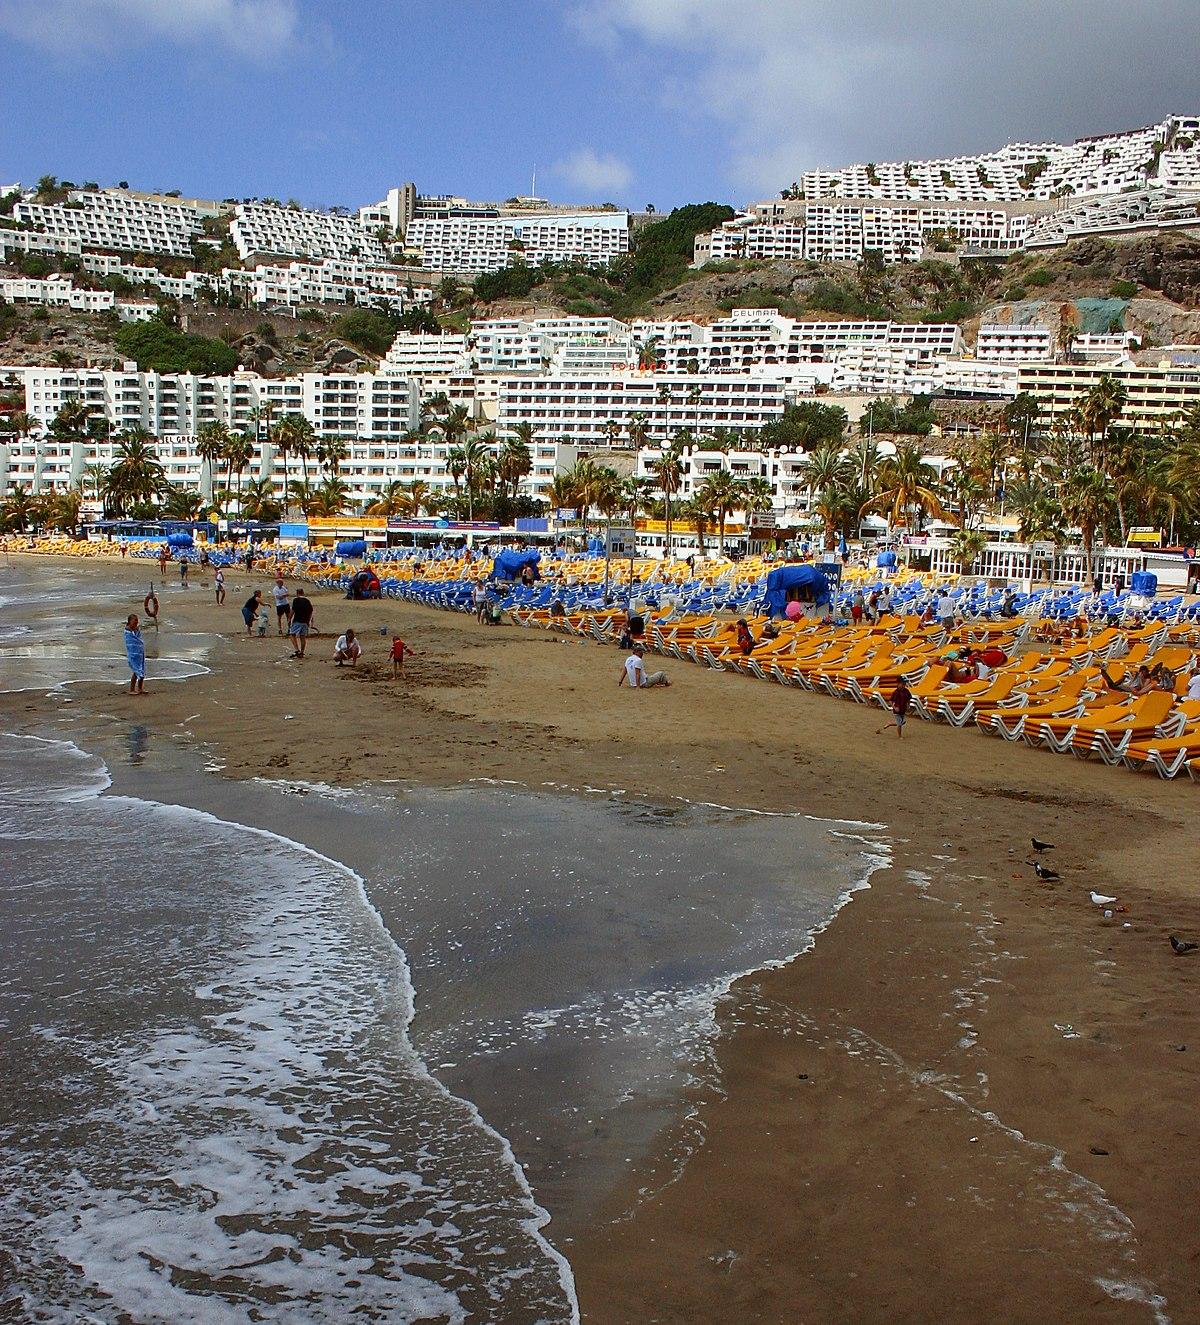 Puerto rico gran canaria wikipedia la enciclopedia libre - Isla de las palmas de gran canaria ...